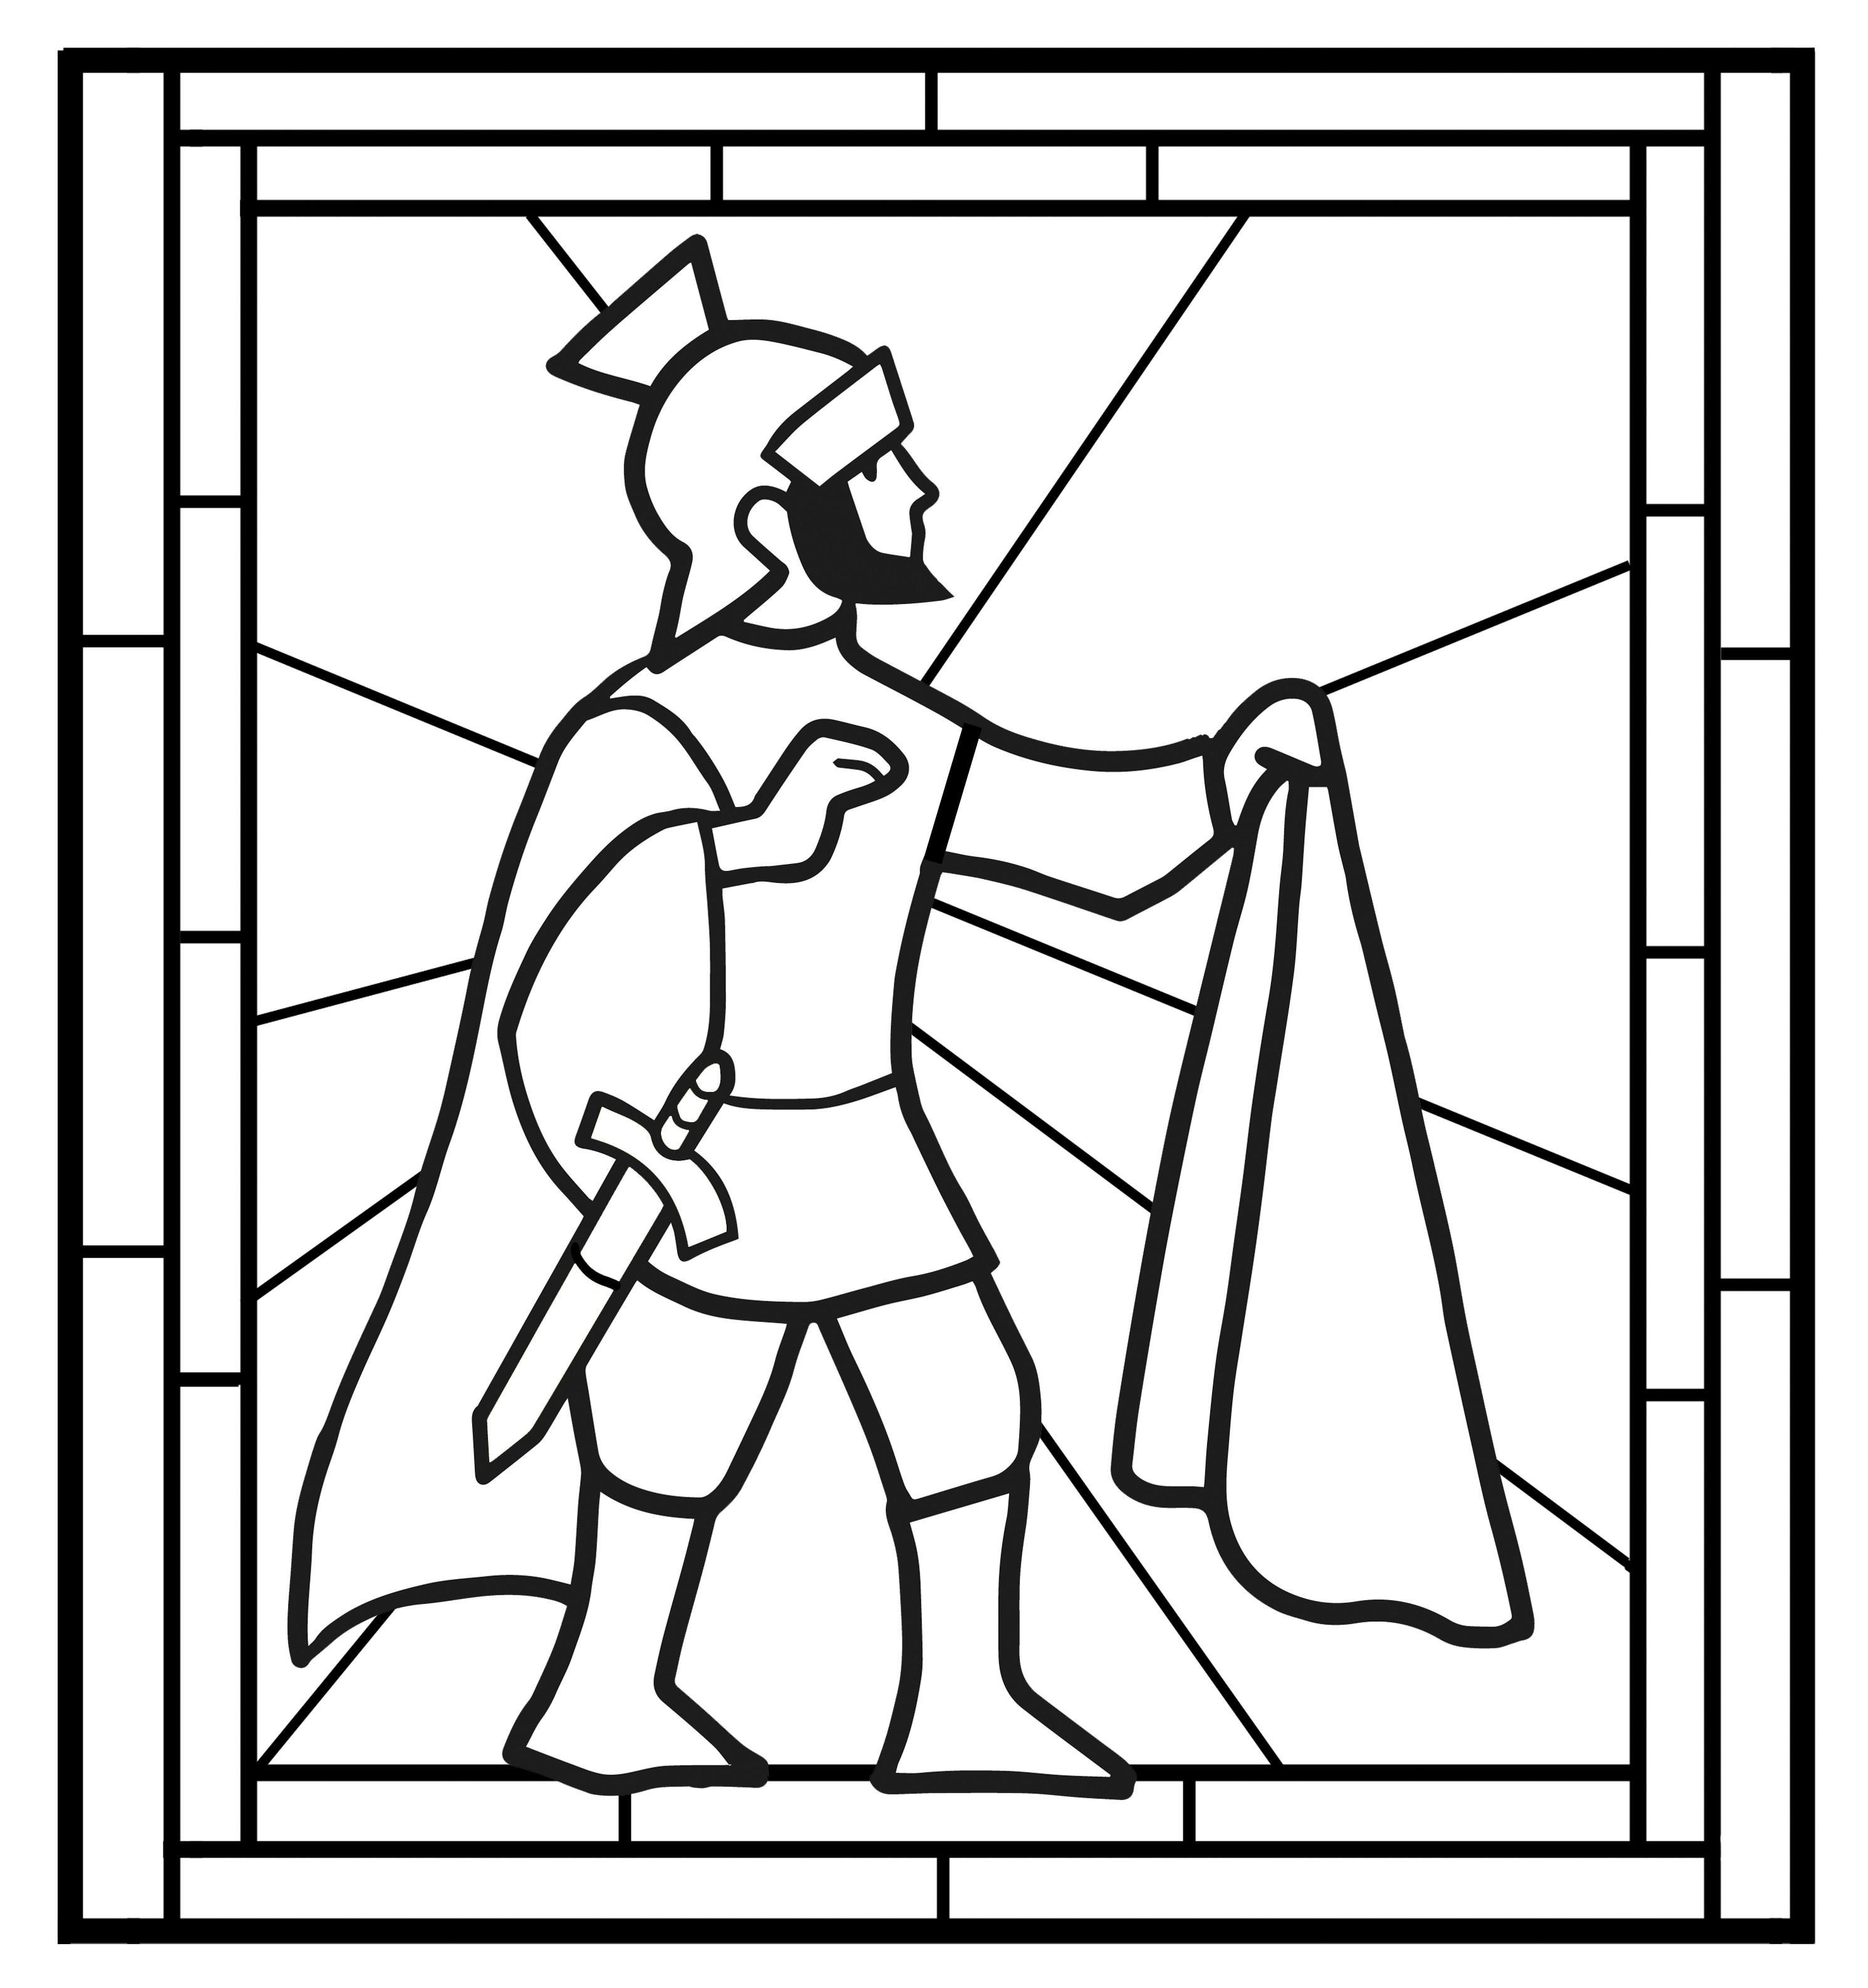 Ausmalbilder St Martin  Ausmalbilder Erntedank Pfarreiengemeinschaft Buchloe